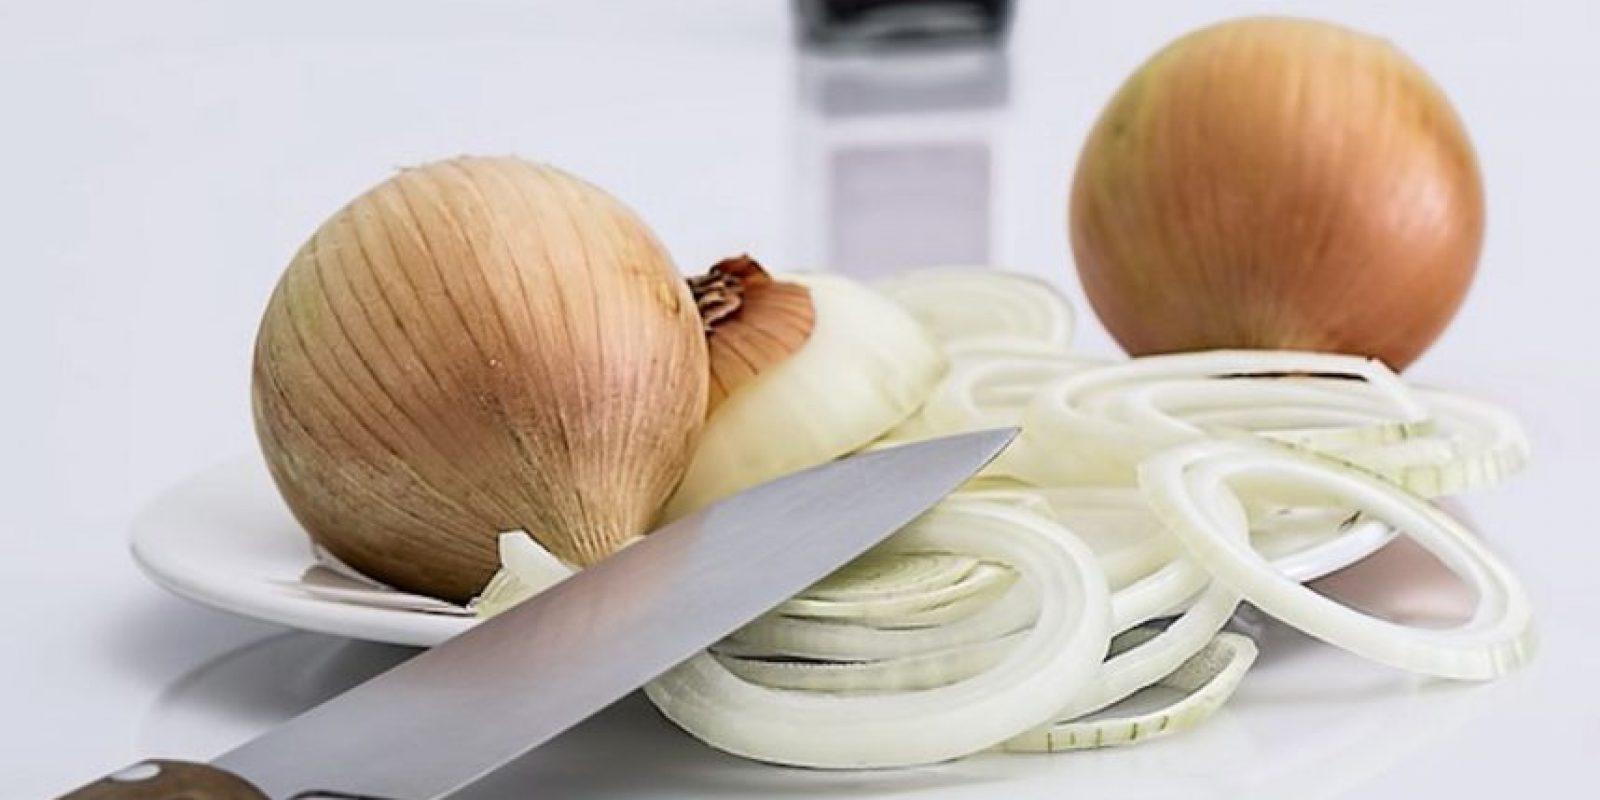 Recomendó tener asesoría de un médico o nutriólogo antes de comenzar con otro régimen alimenticio Foto:Pixabay. Imagen Por: